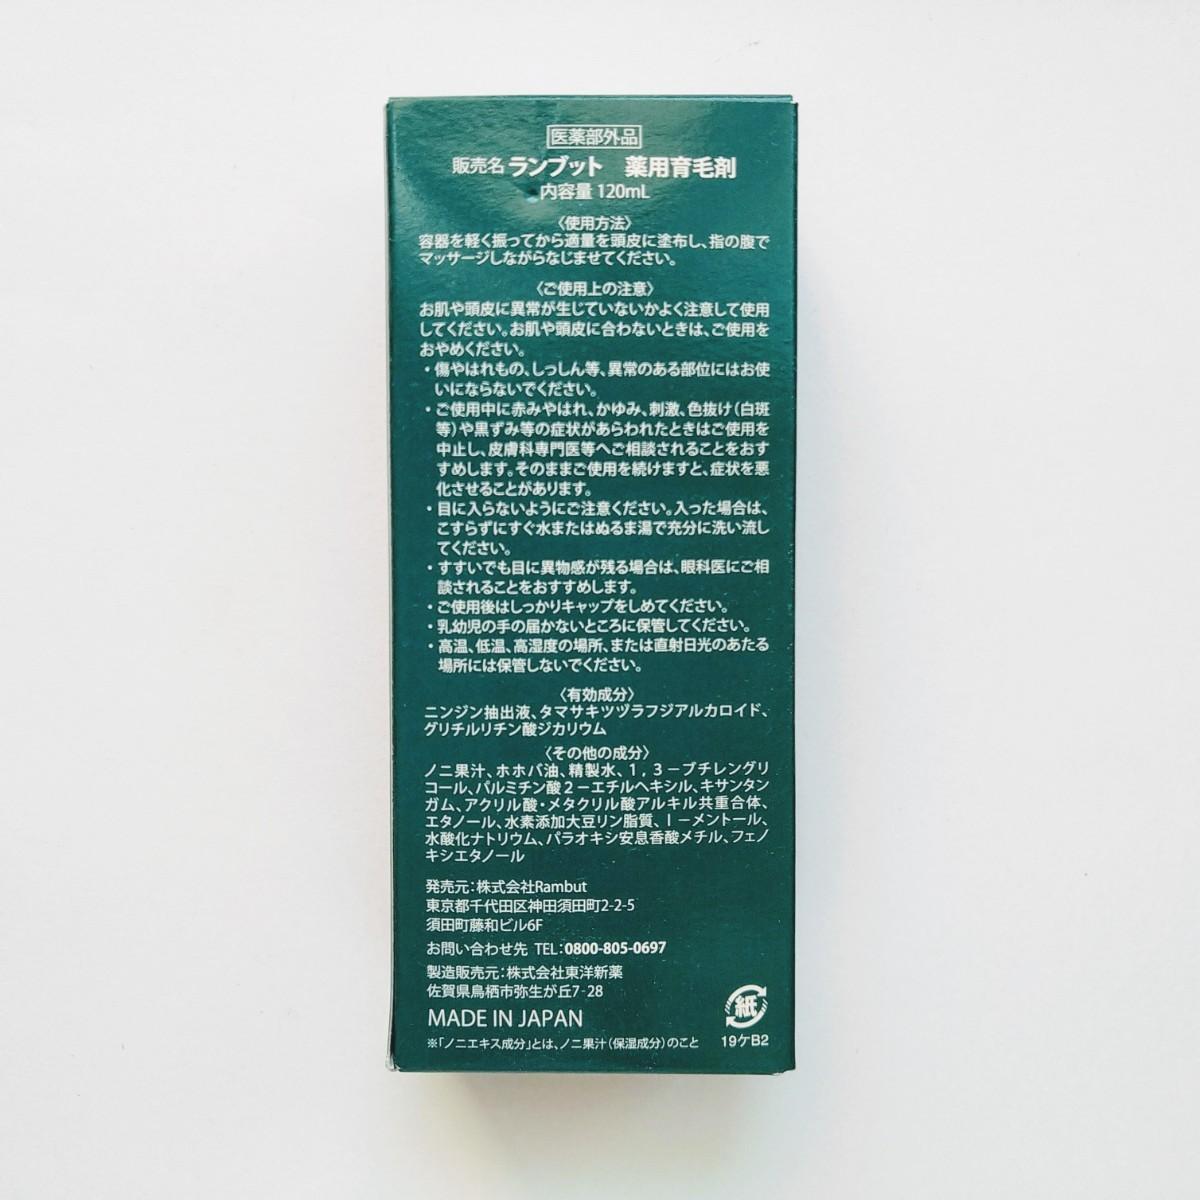 ランブット トニック Rambut 薬用育毛剤 120ml